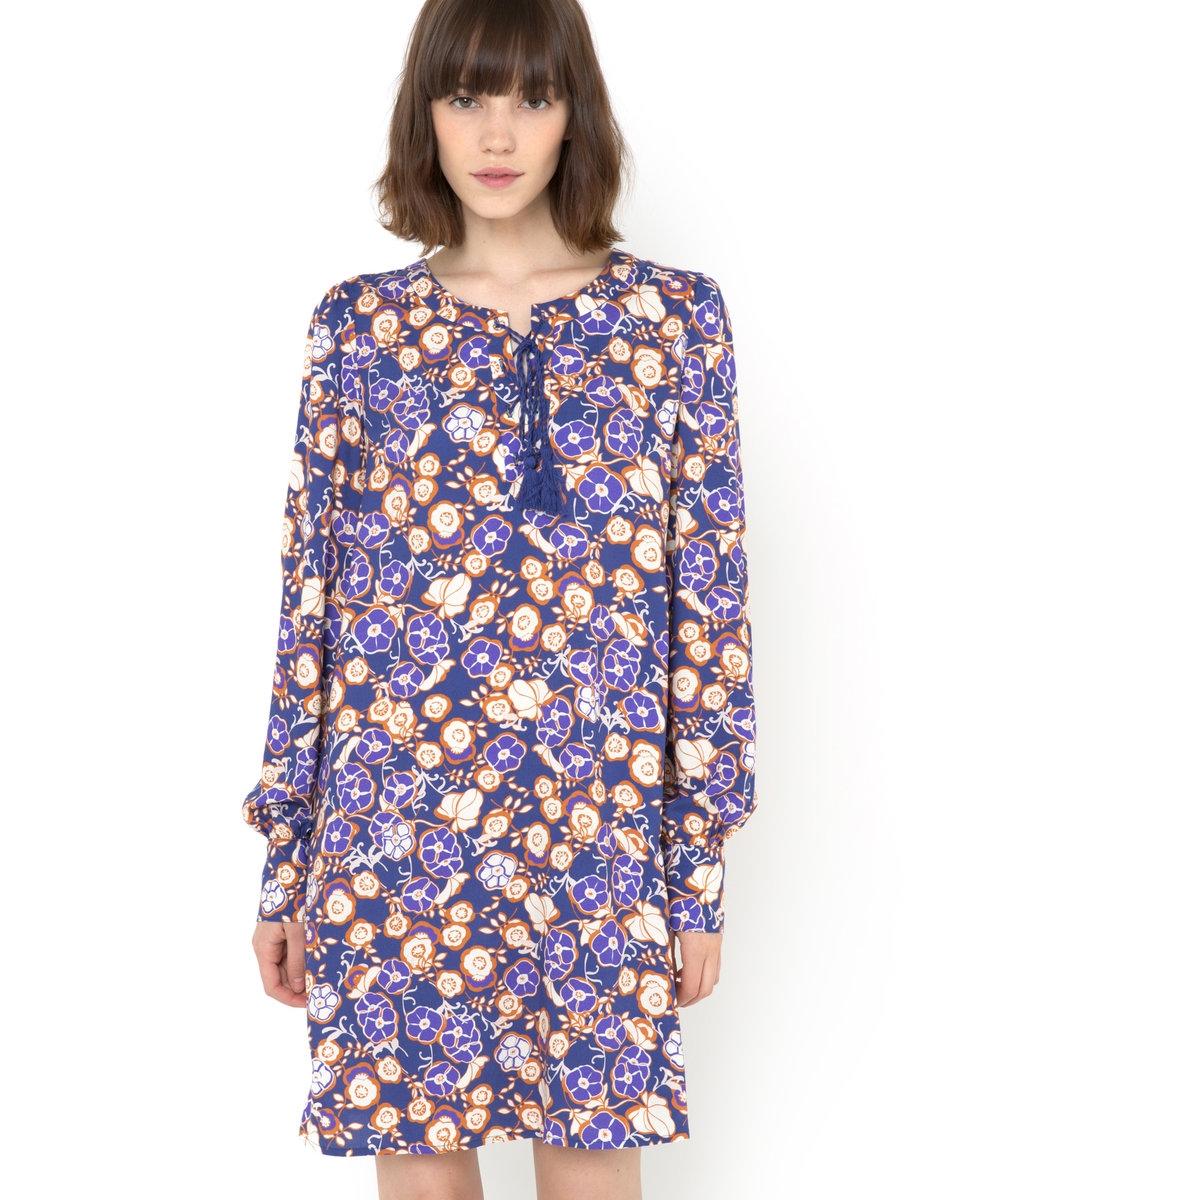 Платье FOLK с цветочным рисункомПлатье FOLK - MADEMOISELLE R. Цветочный сплошной рисунок на фиолетовом фоне. Длинные рукава. Круглый вырез, застежка на пуговицы и завязка с 2 помпонами. Мелкие сборки на плечах. Длинные присобранные манжеты, застежка на 2 пуговицы. Длина ок.88 см. Платье из 100% полиэстера.<br><br>Цвет: набивной рисунок<br>Размер: 42 (FR) - 48 (RUS)